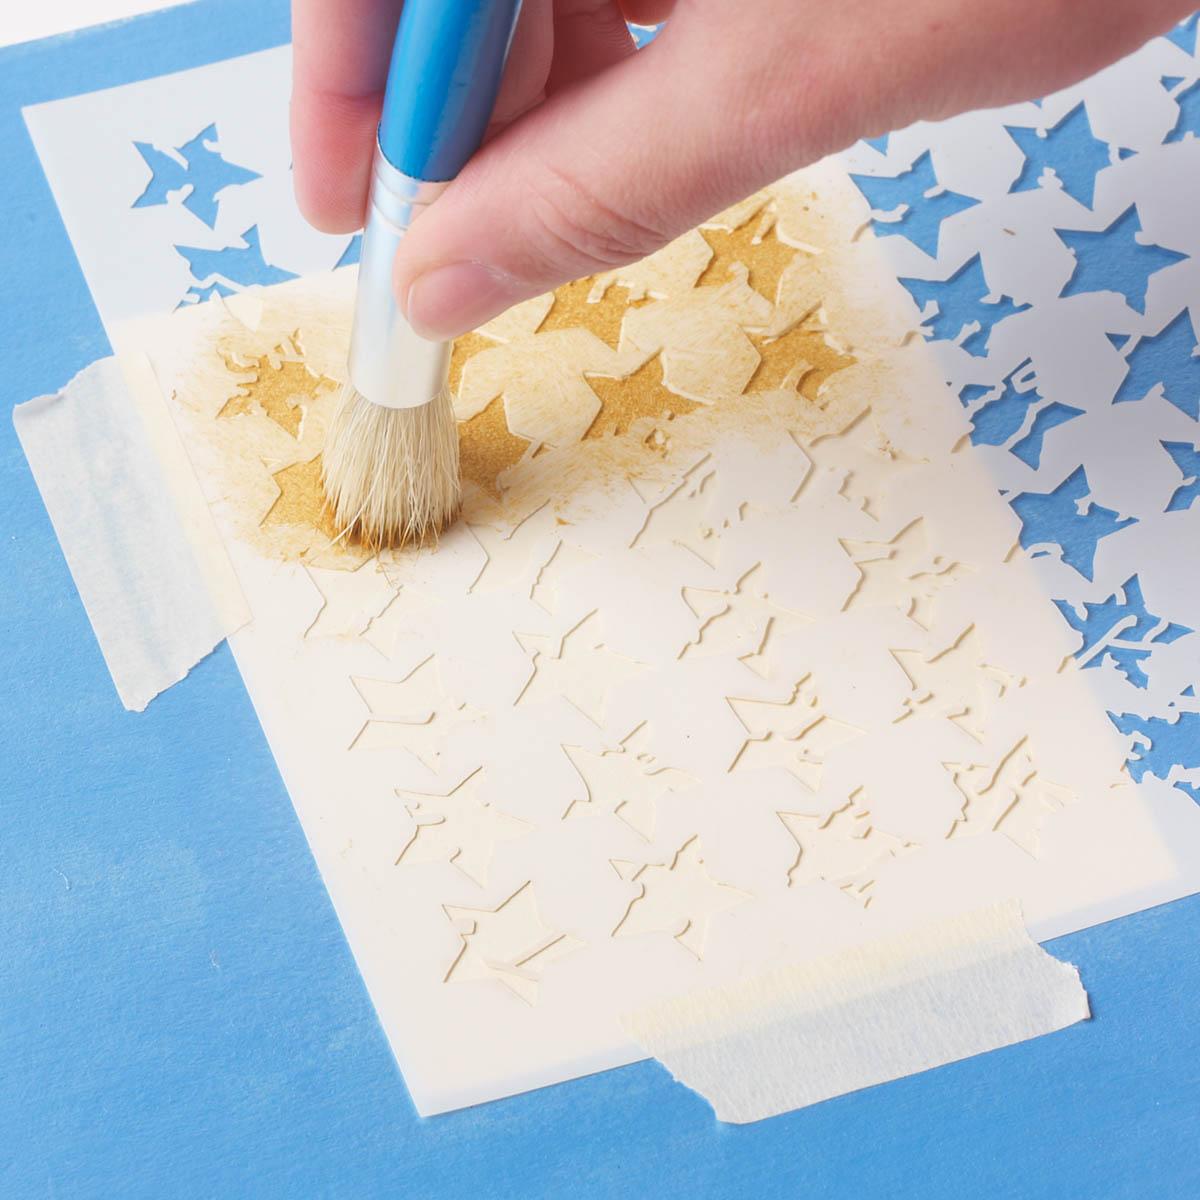 FolkArt ® Painting Stencils - Small - Distressed Stars - MS31046